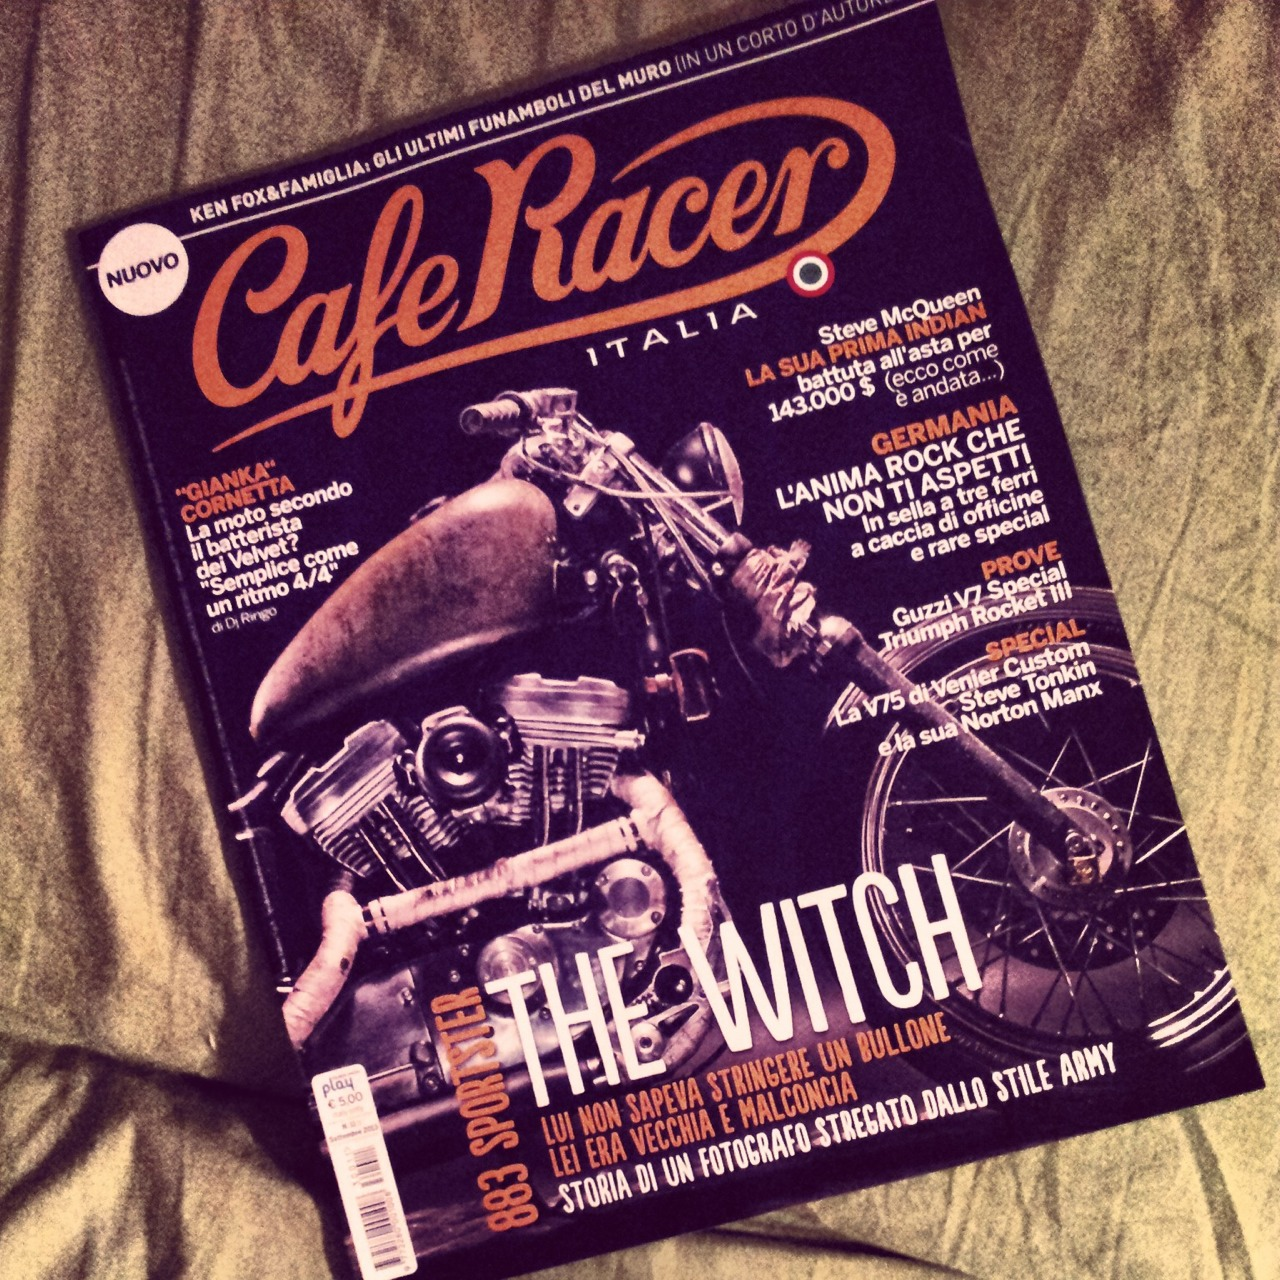 Cafe-racer-italia-cover.jpg